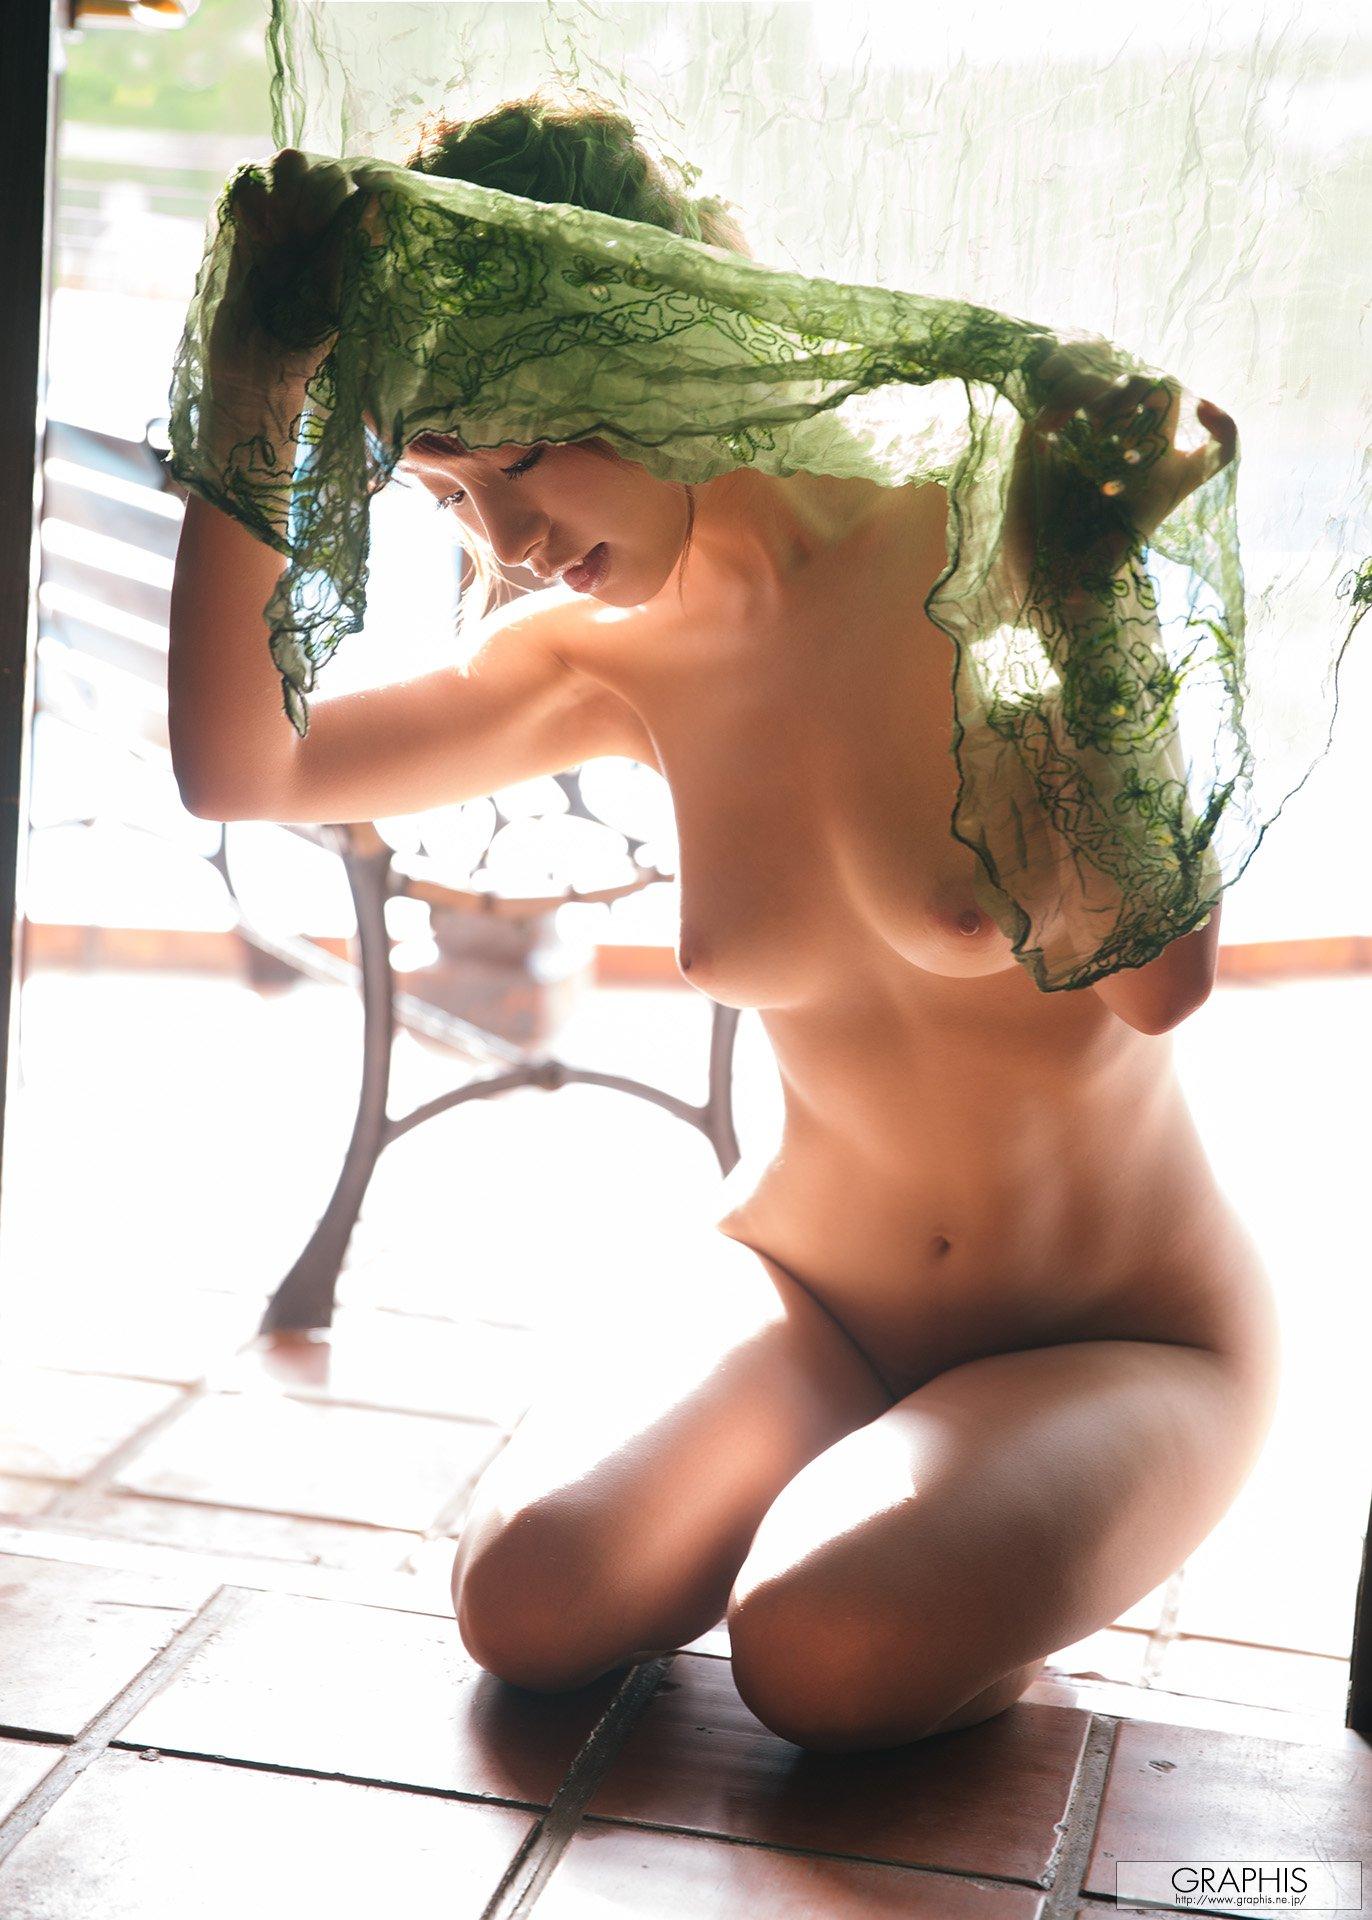 邻家女孩清纯裸体写真